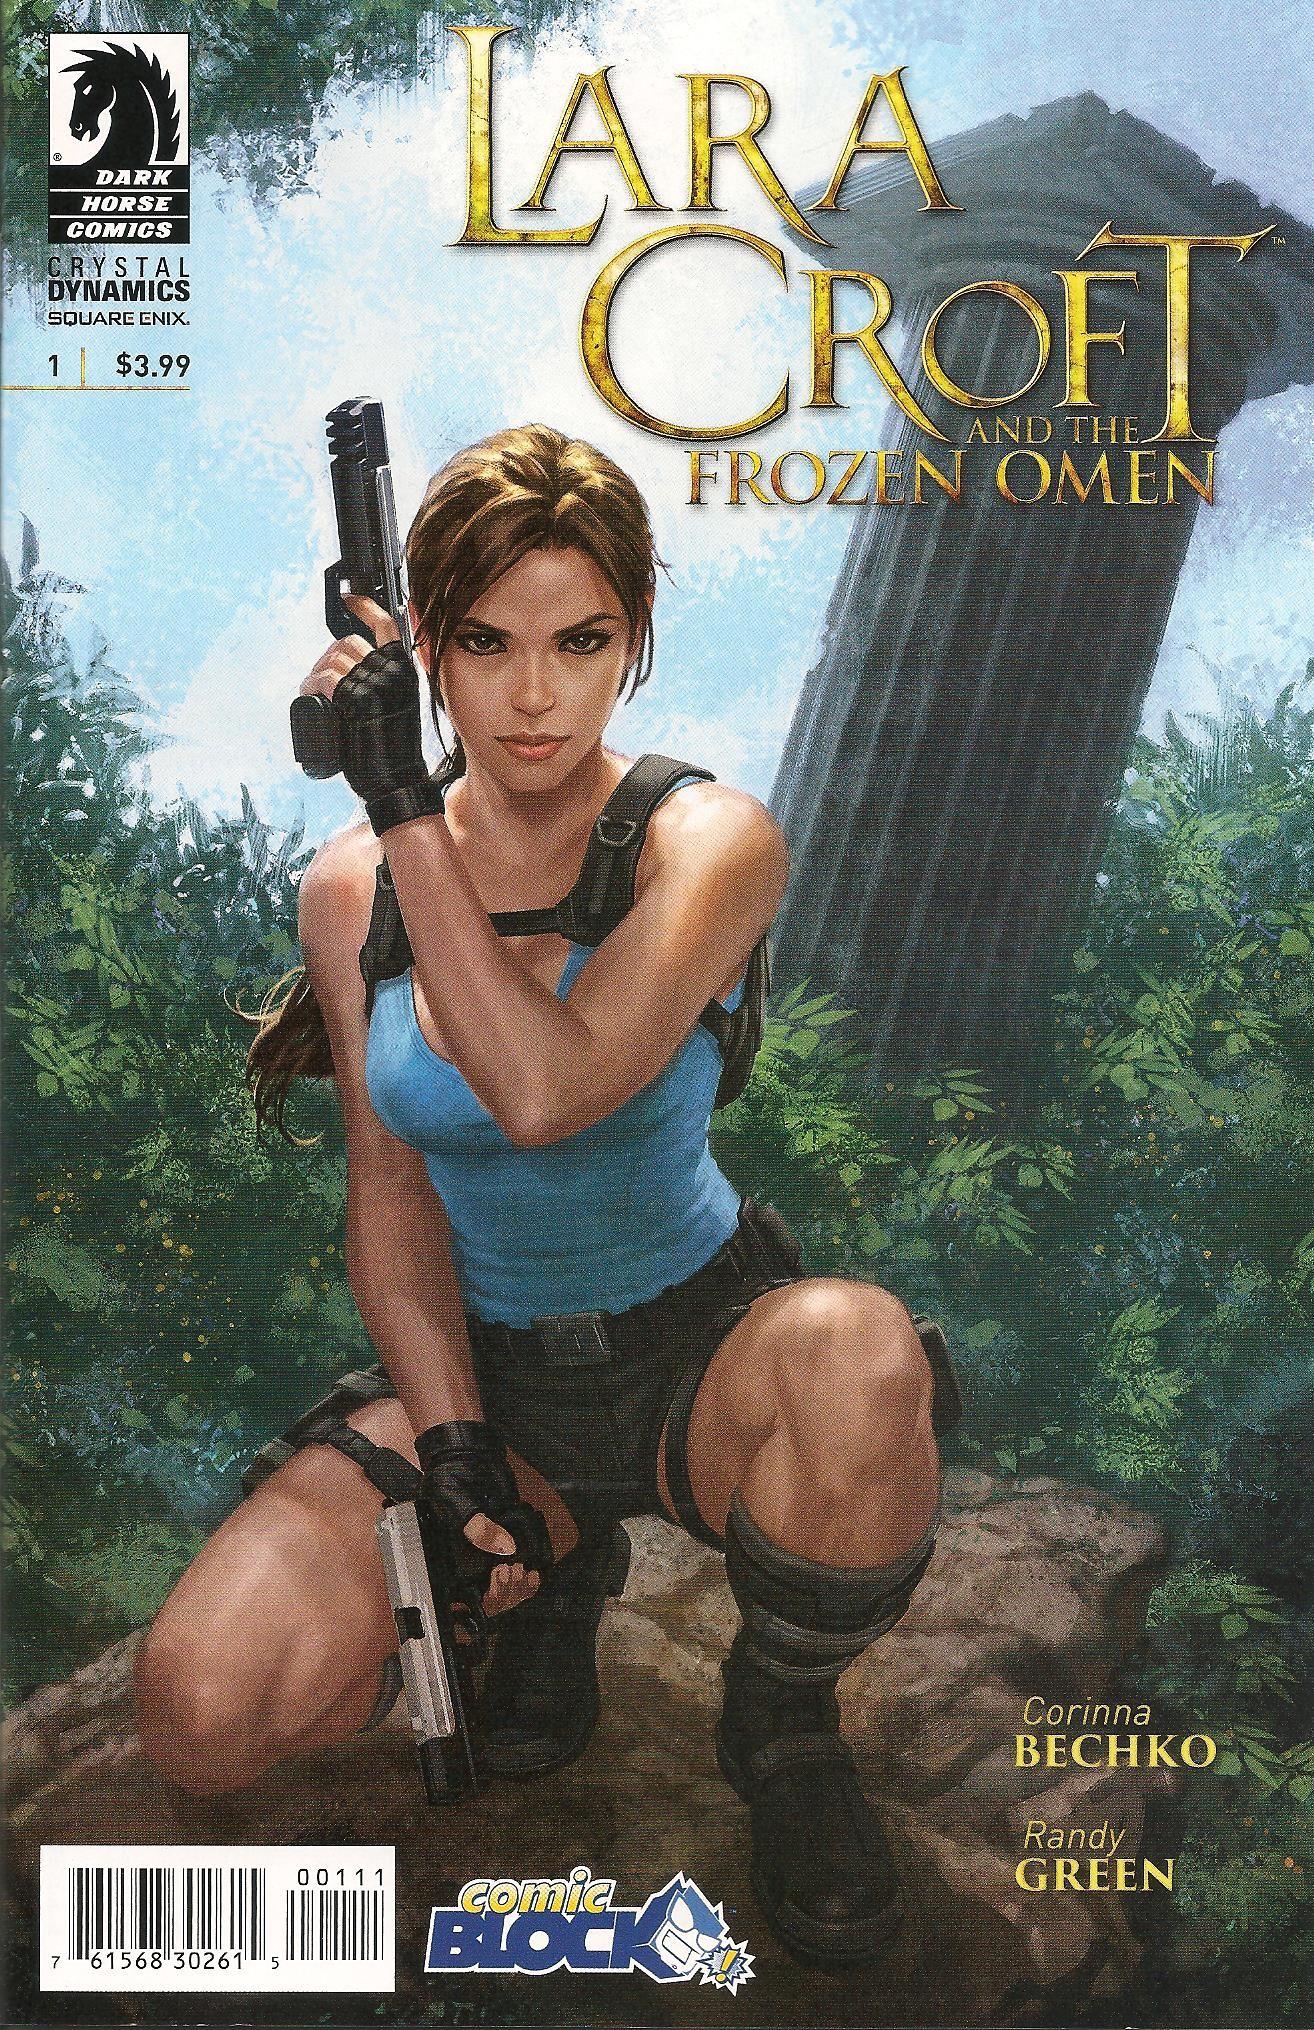 Lara croft horse exploited image